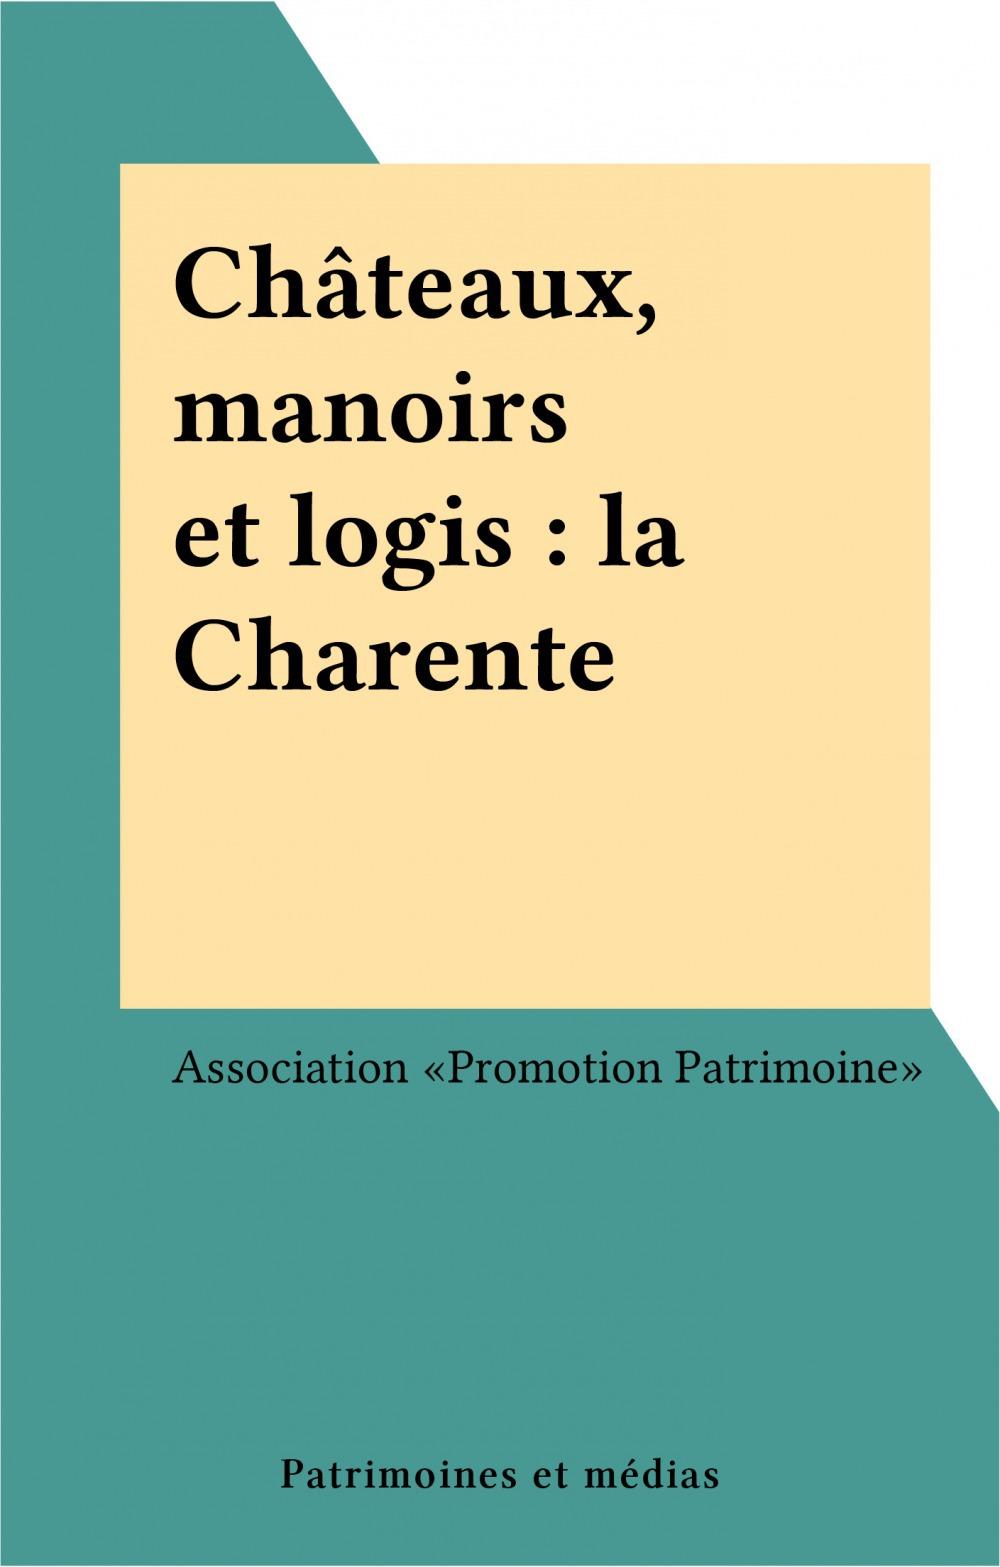 Châteaux, manoirs et logis : la Charente  - Association «Promotion Patrimoine»